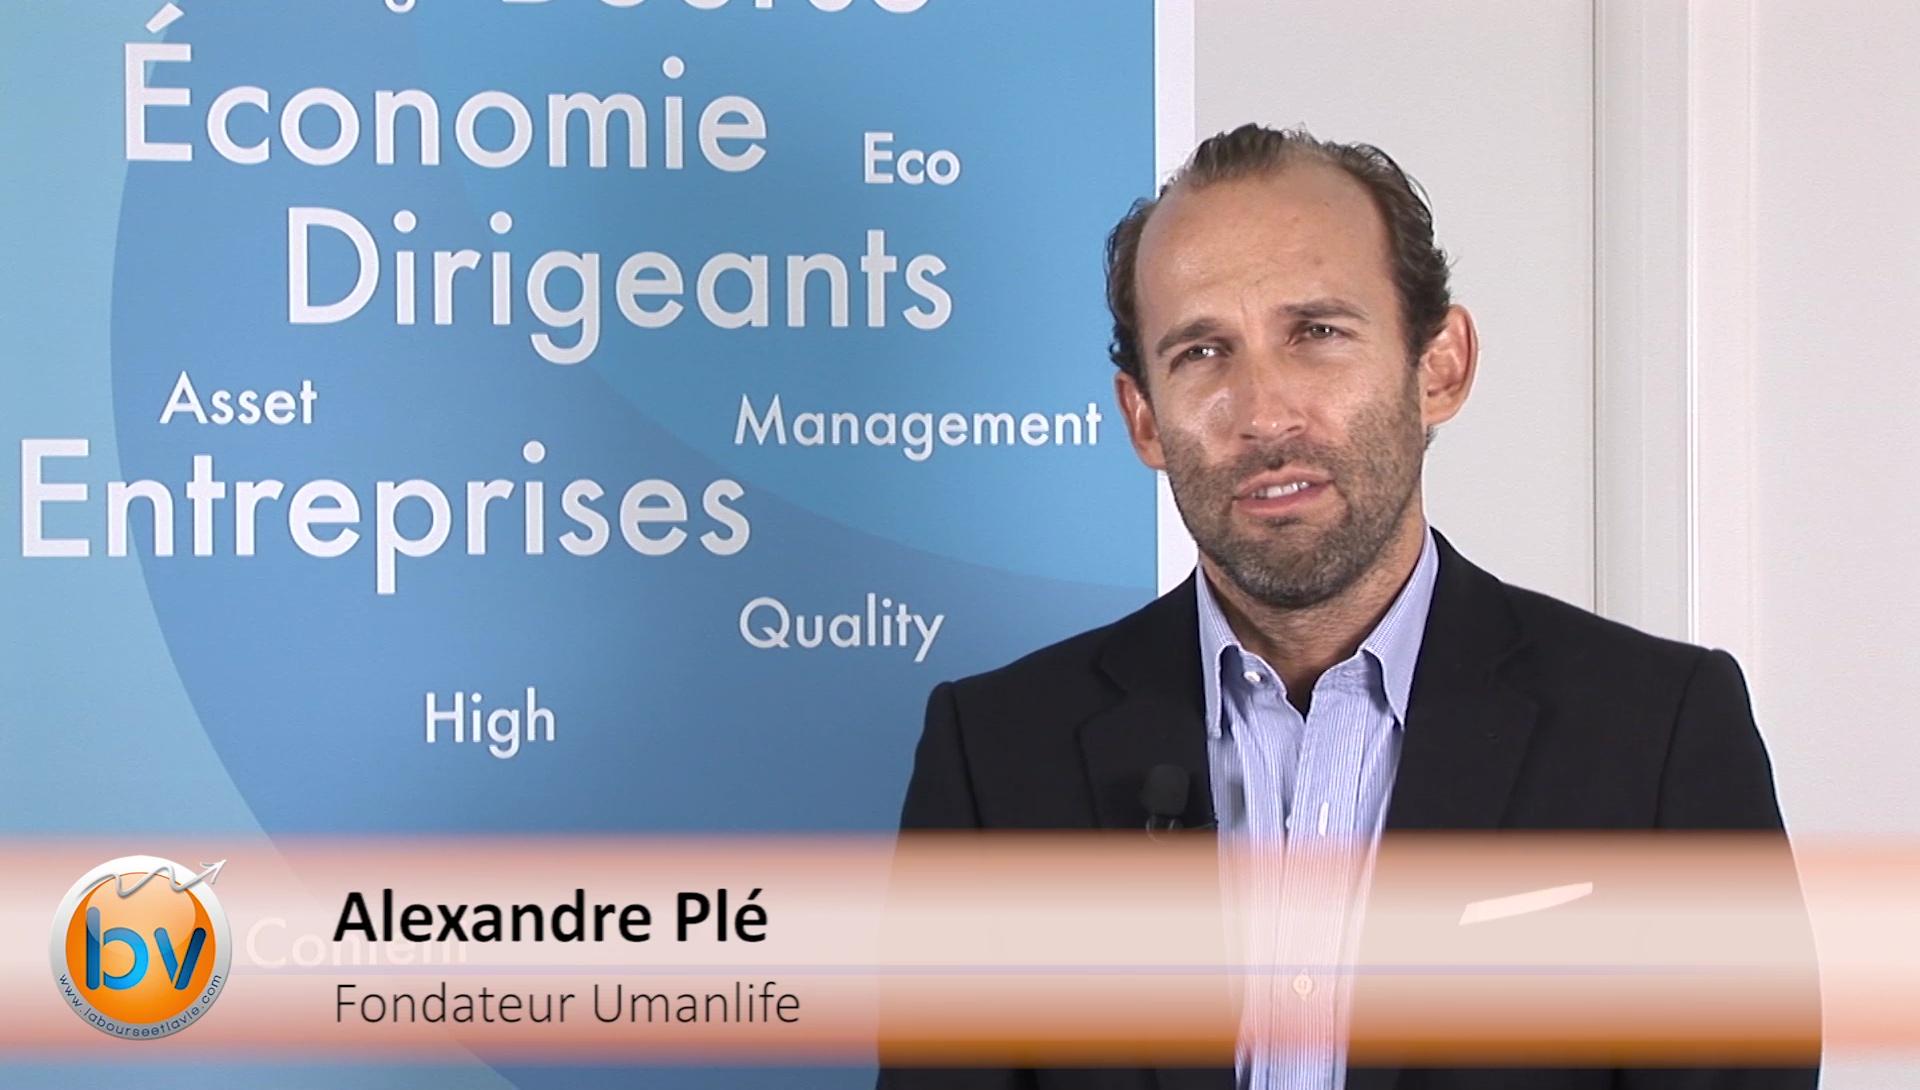 interview-alexandre-ple-fondateur-umanlife-juin-2016